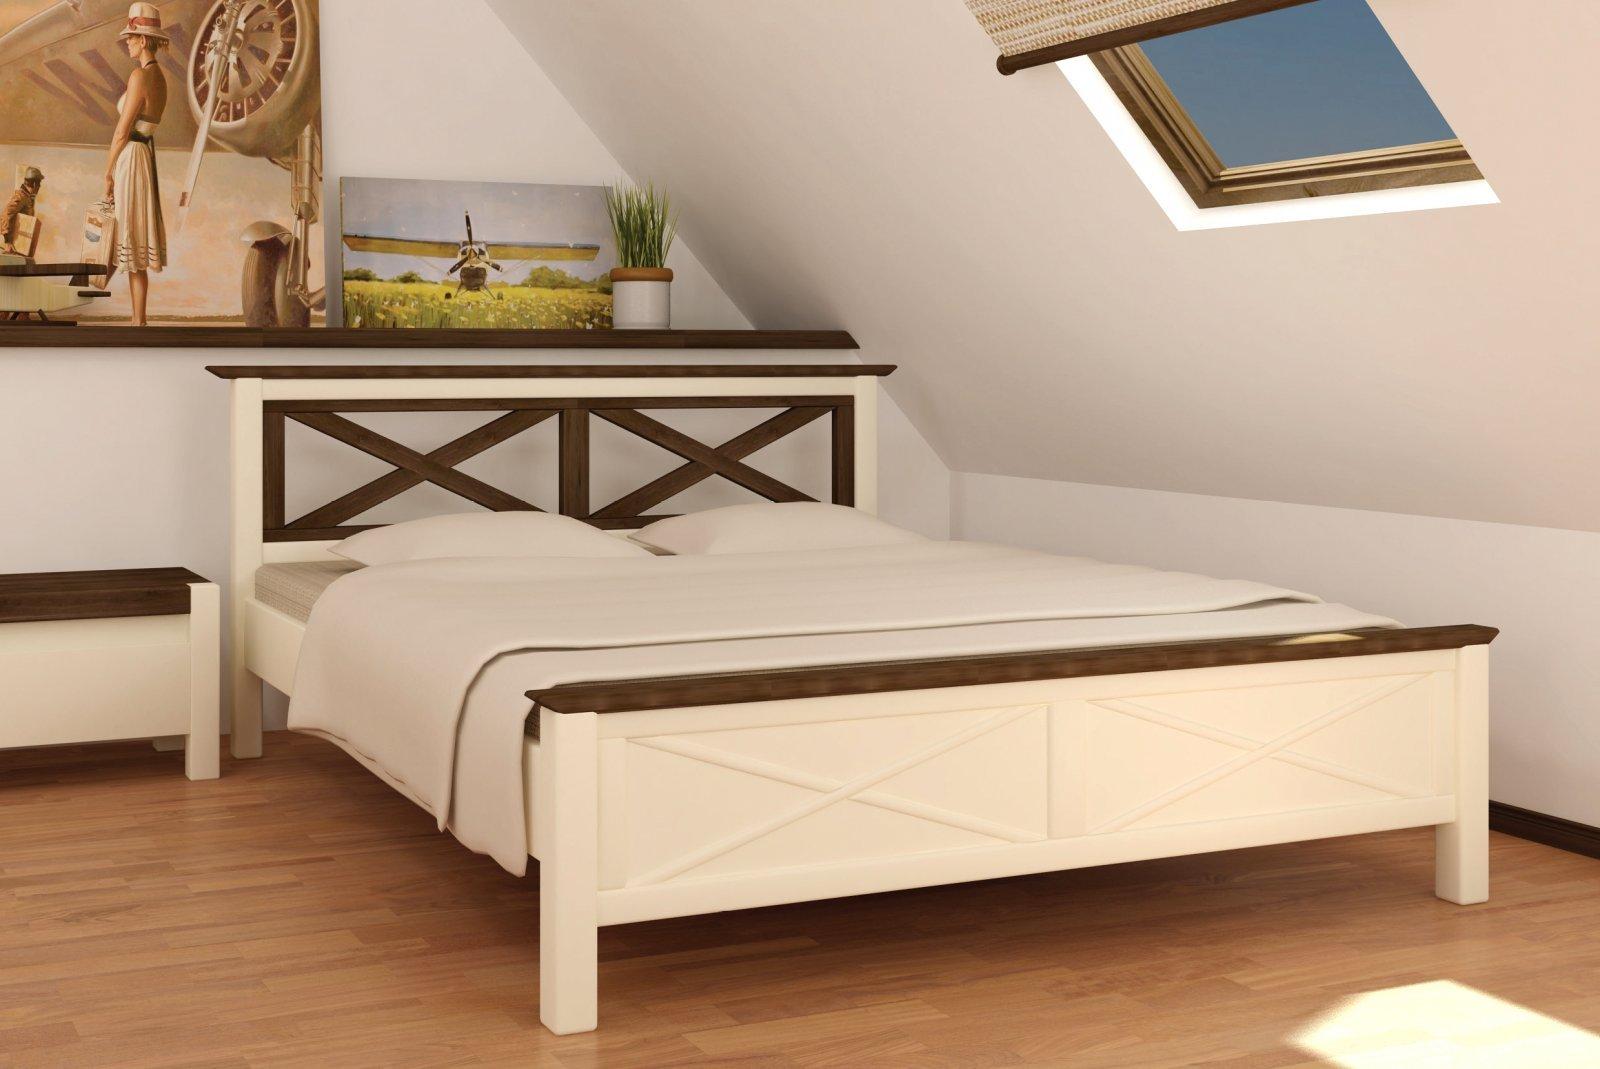 Фото - Кровать двуспальная Нормандия